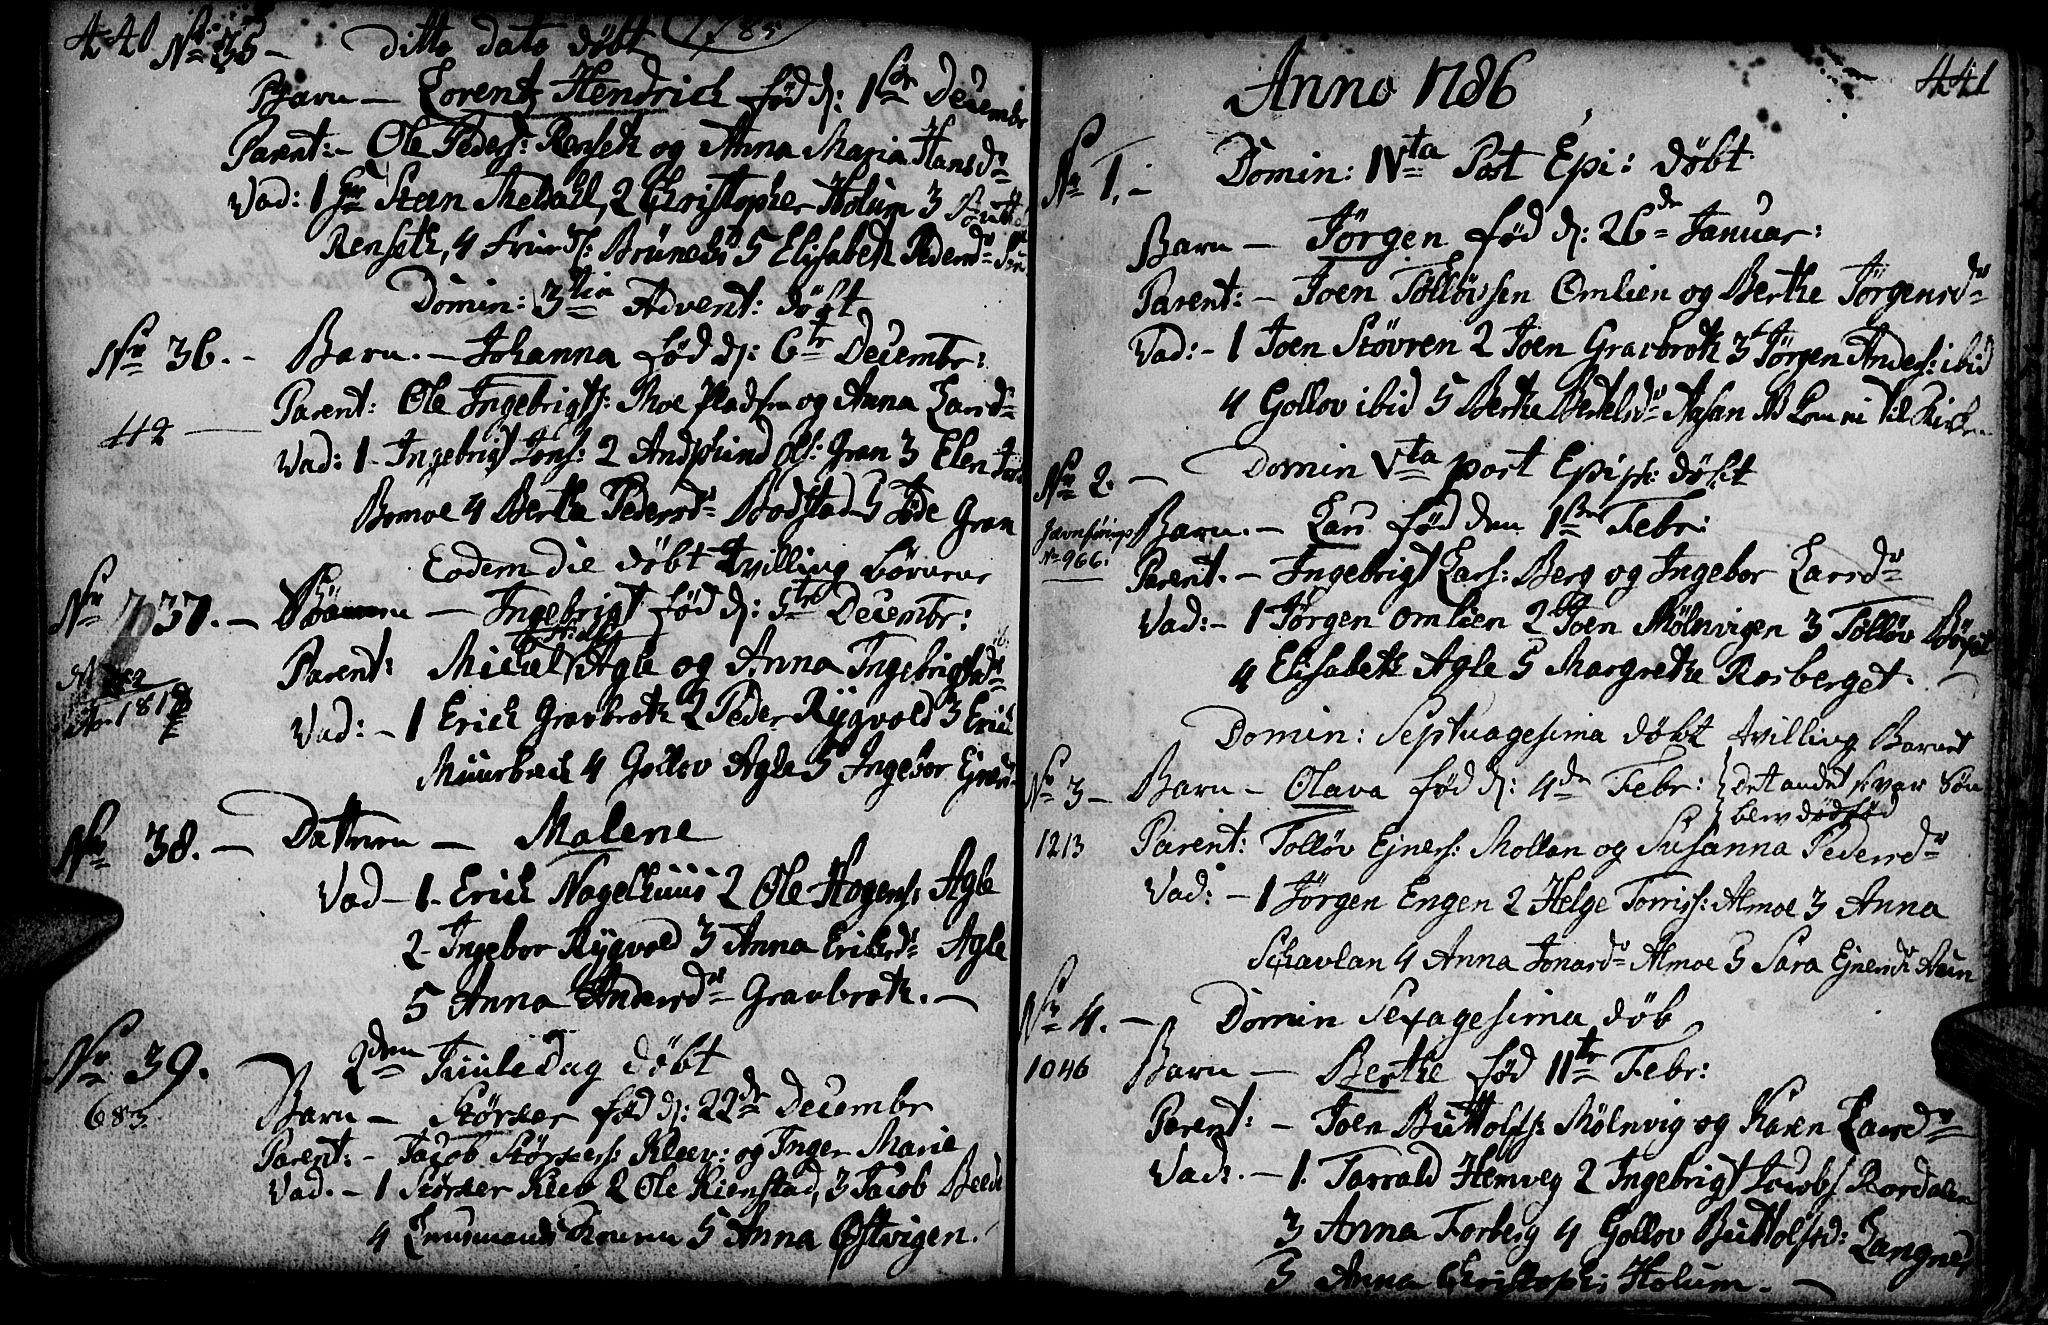 SAT, Ministerialprotokoller, klokkerbøker og fødselsregistre - Nord-Trøndelag, 749/L0467: Ministerialbok nr. 749A01, 1733-1787, s. 440-441